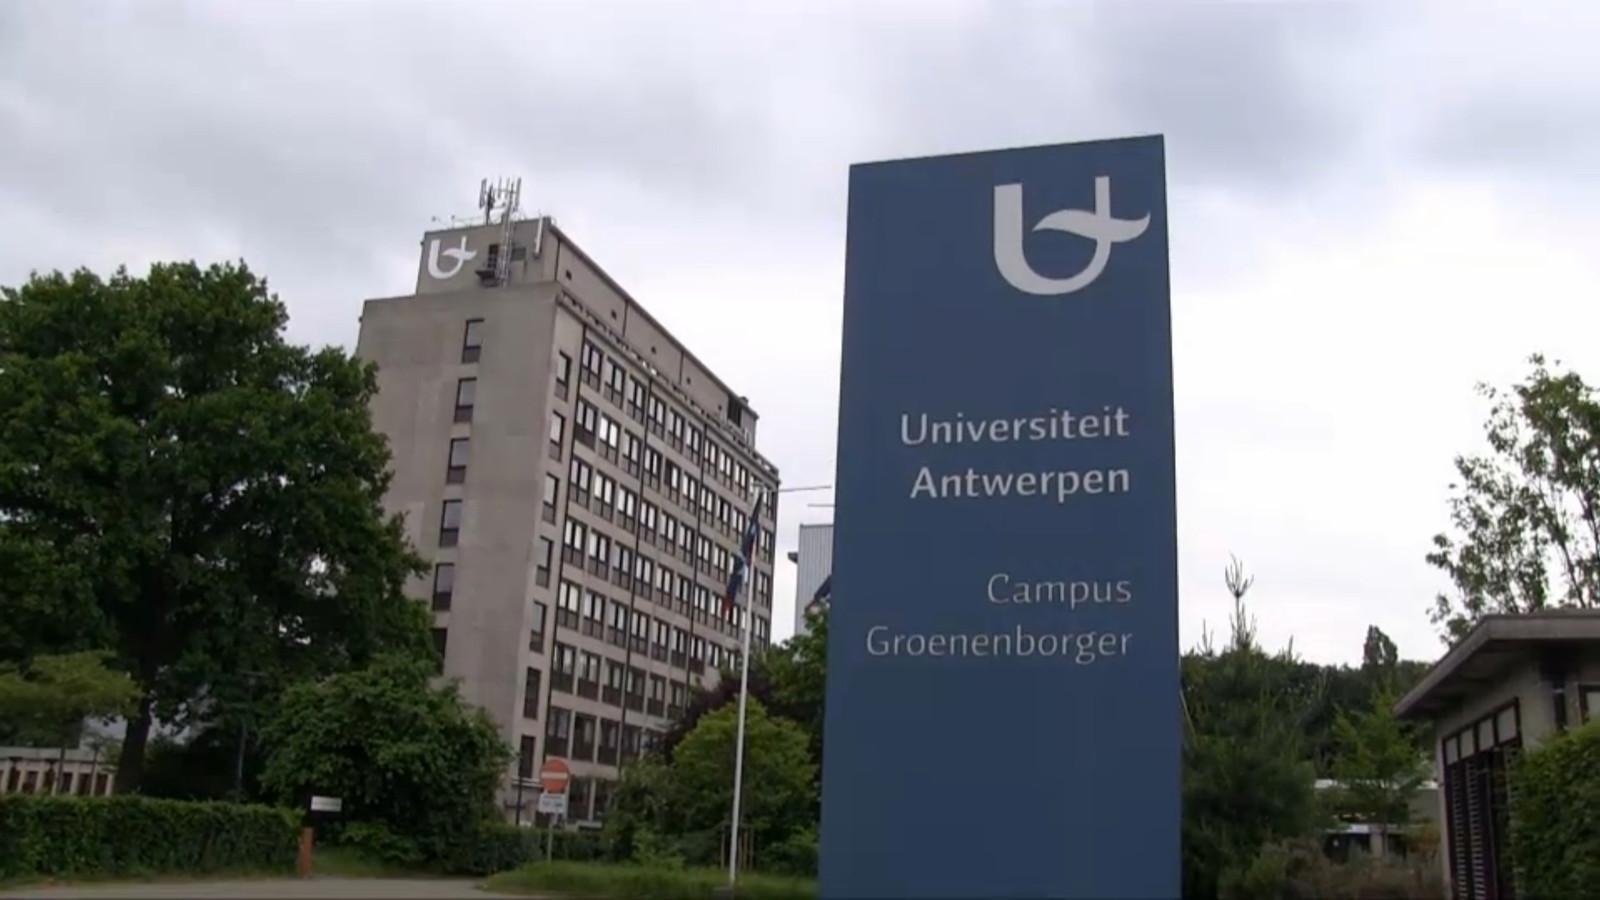 Campus Groenenborger